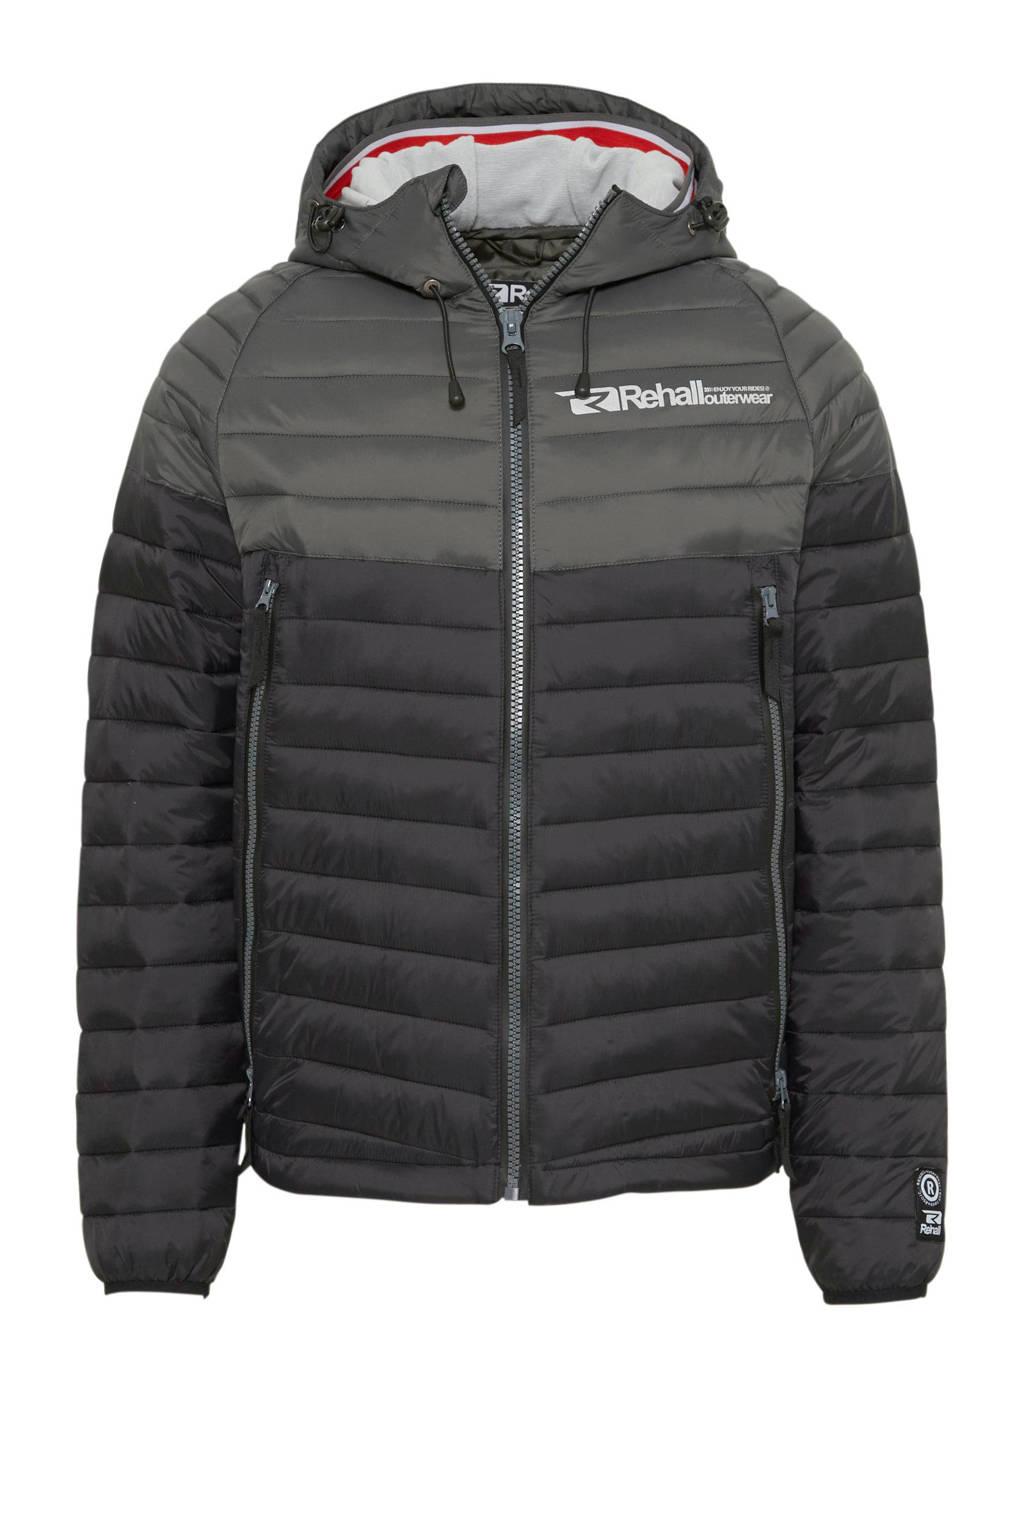 Rehall gewatteerde jas zwart/donkergroen, Zwart/donkergroen